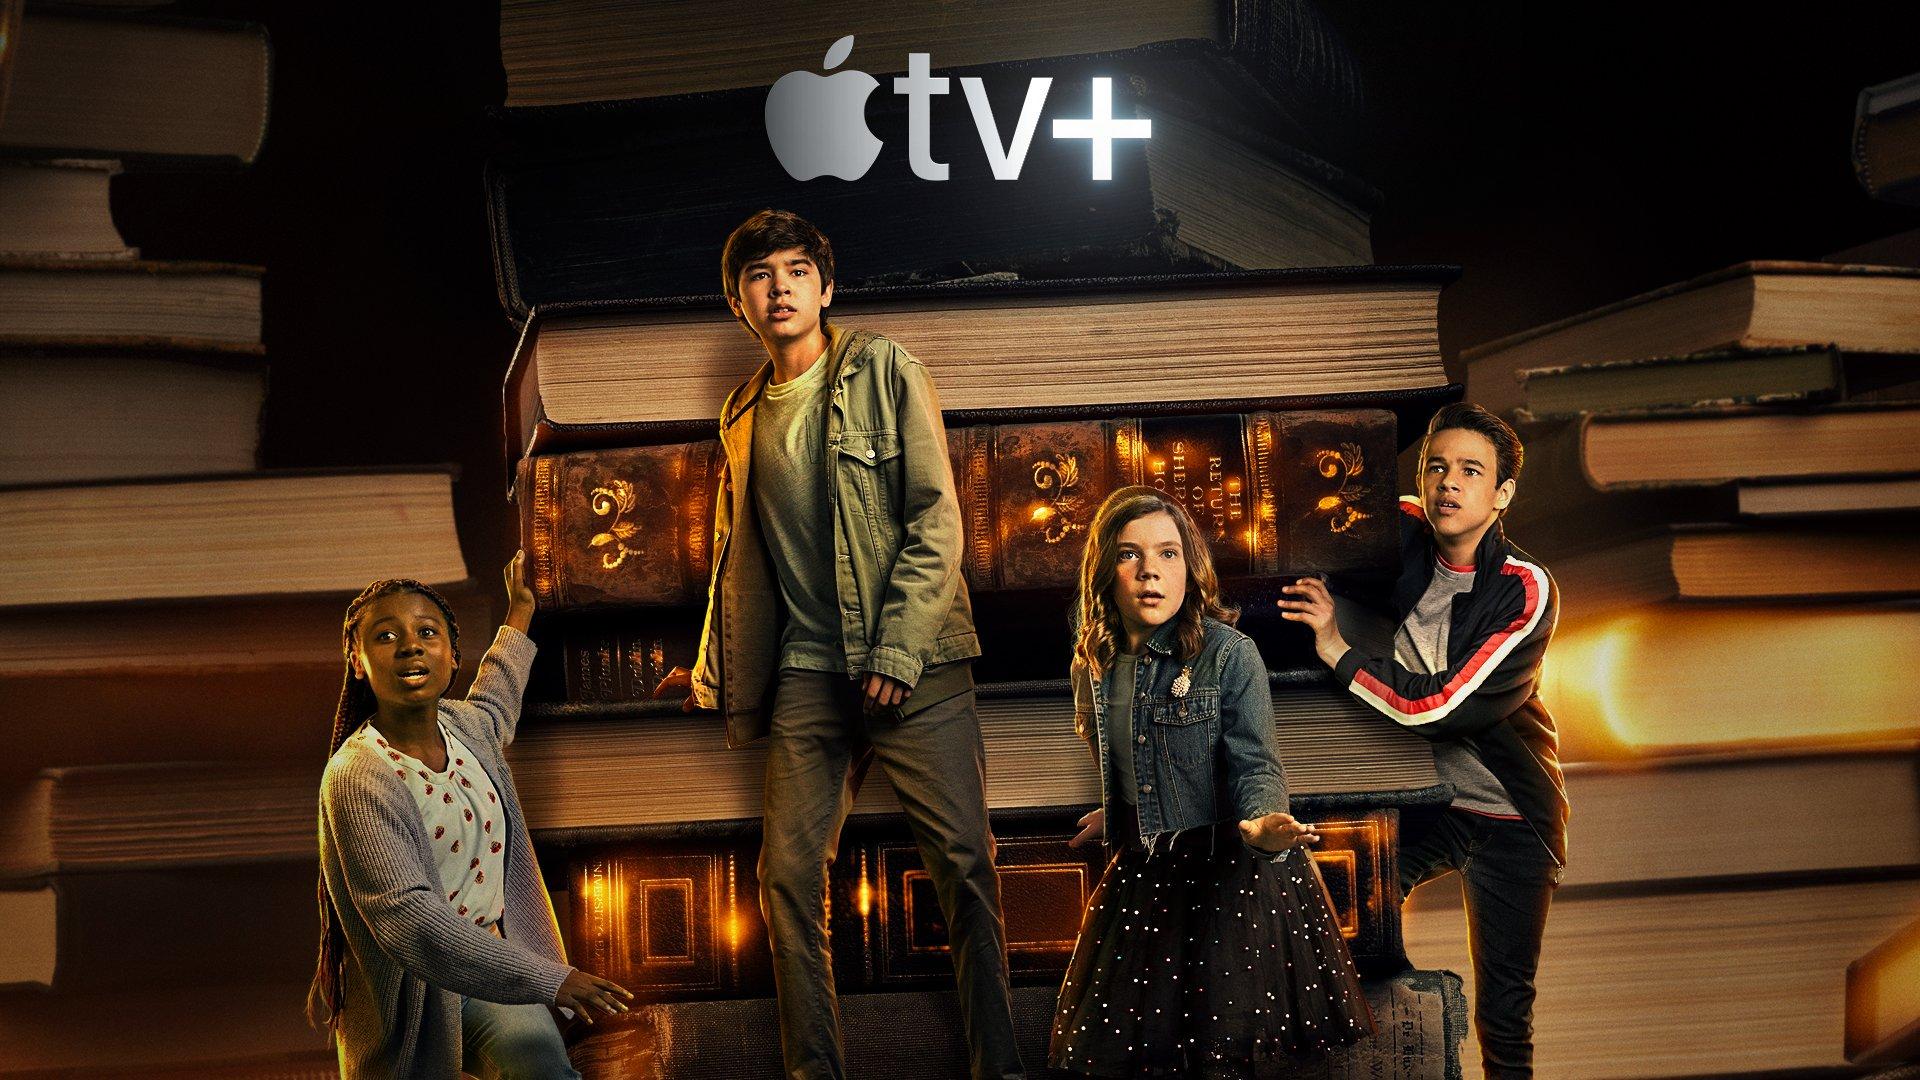 Niska cena TV+ to sprytny pomysł na to, aby Apple pokonało Netflixa